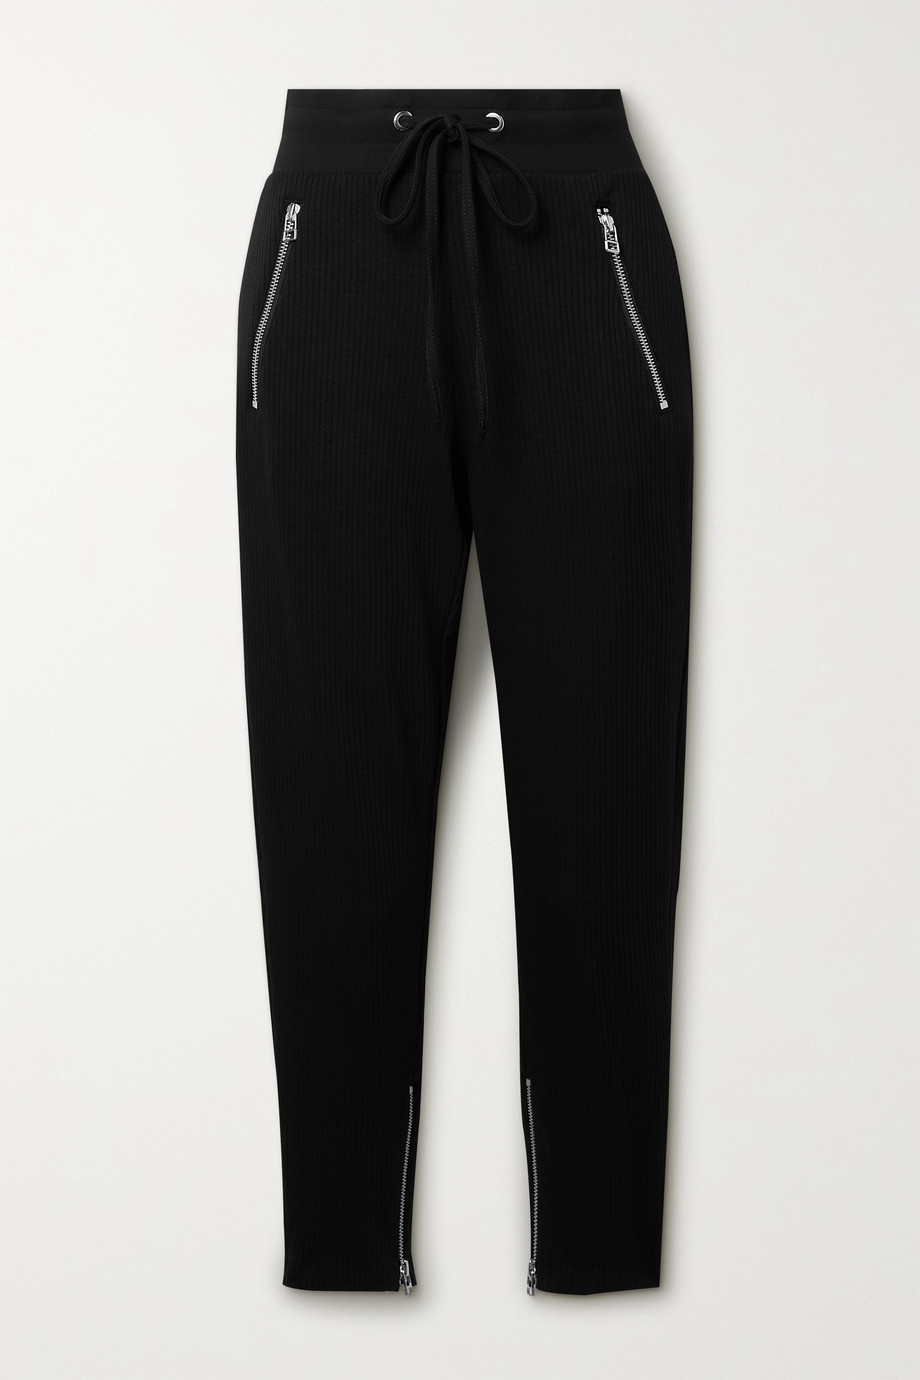 The Range Pantalon de survêtement en jersey stretch côtelé Alloy